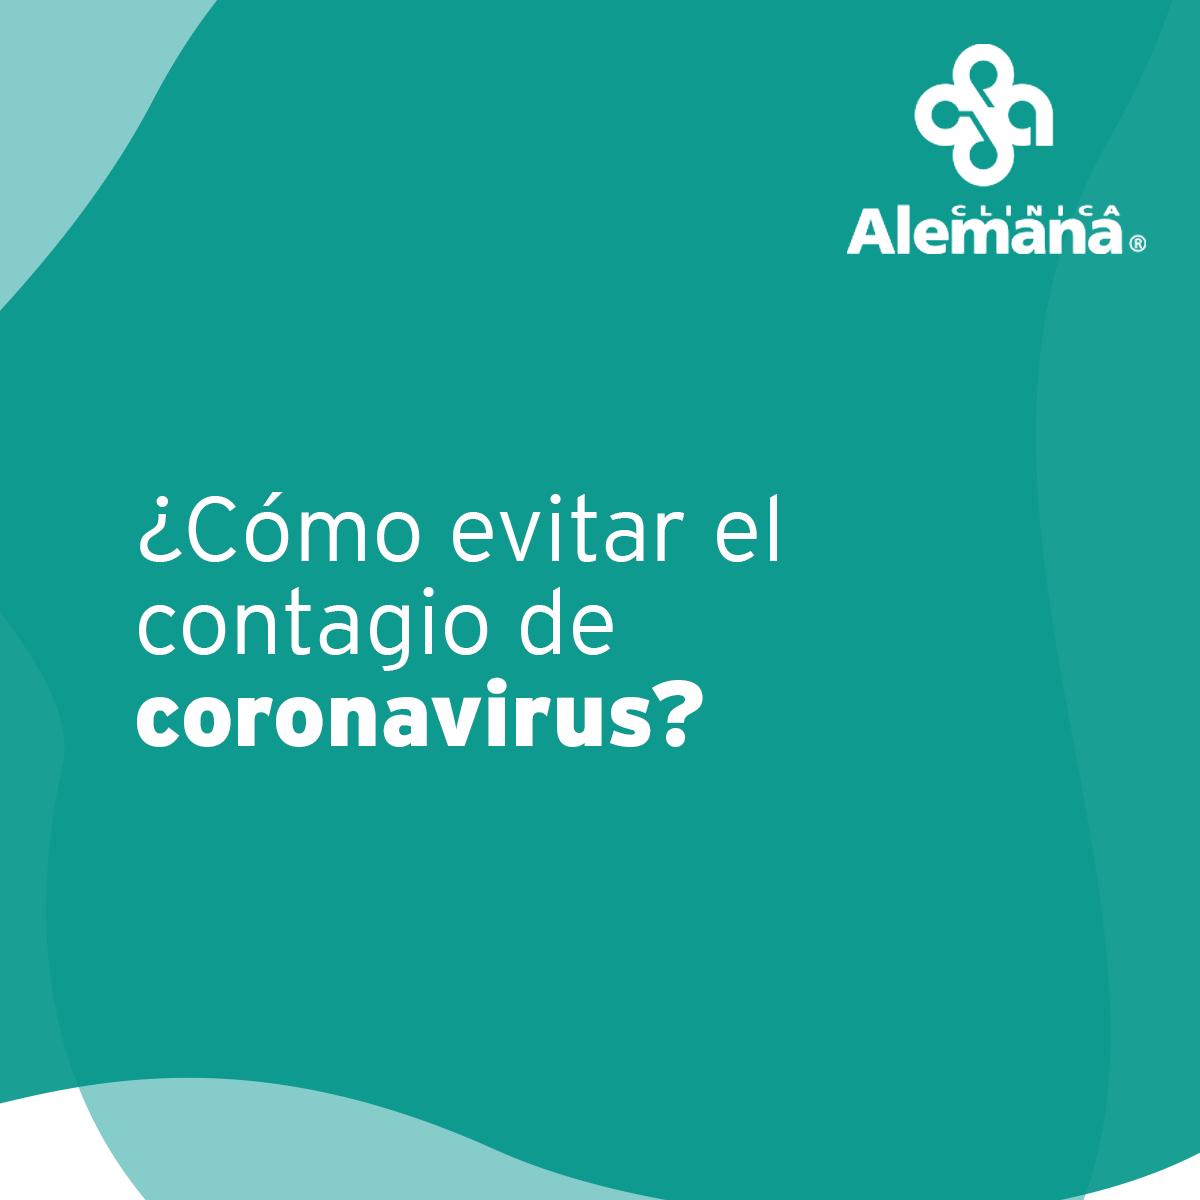 Portada sobre cómo evitar el contagio de coronavirus